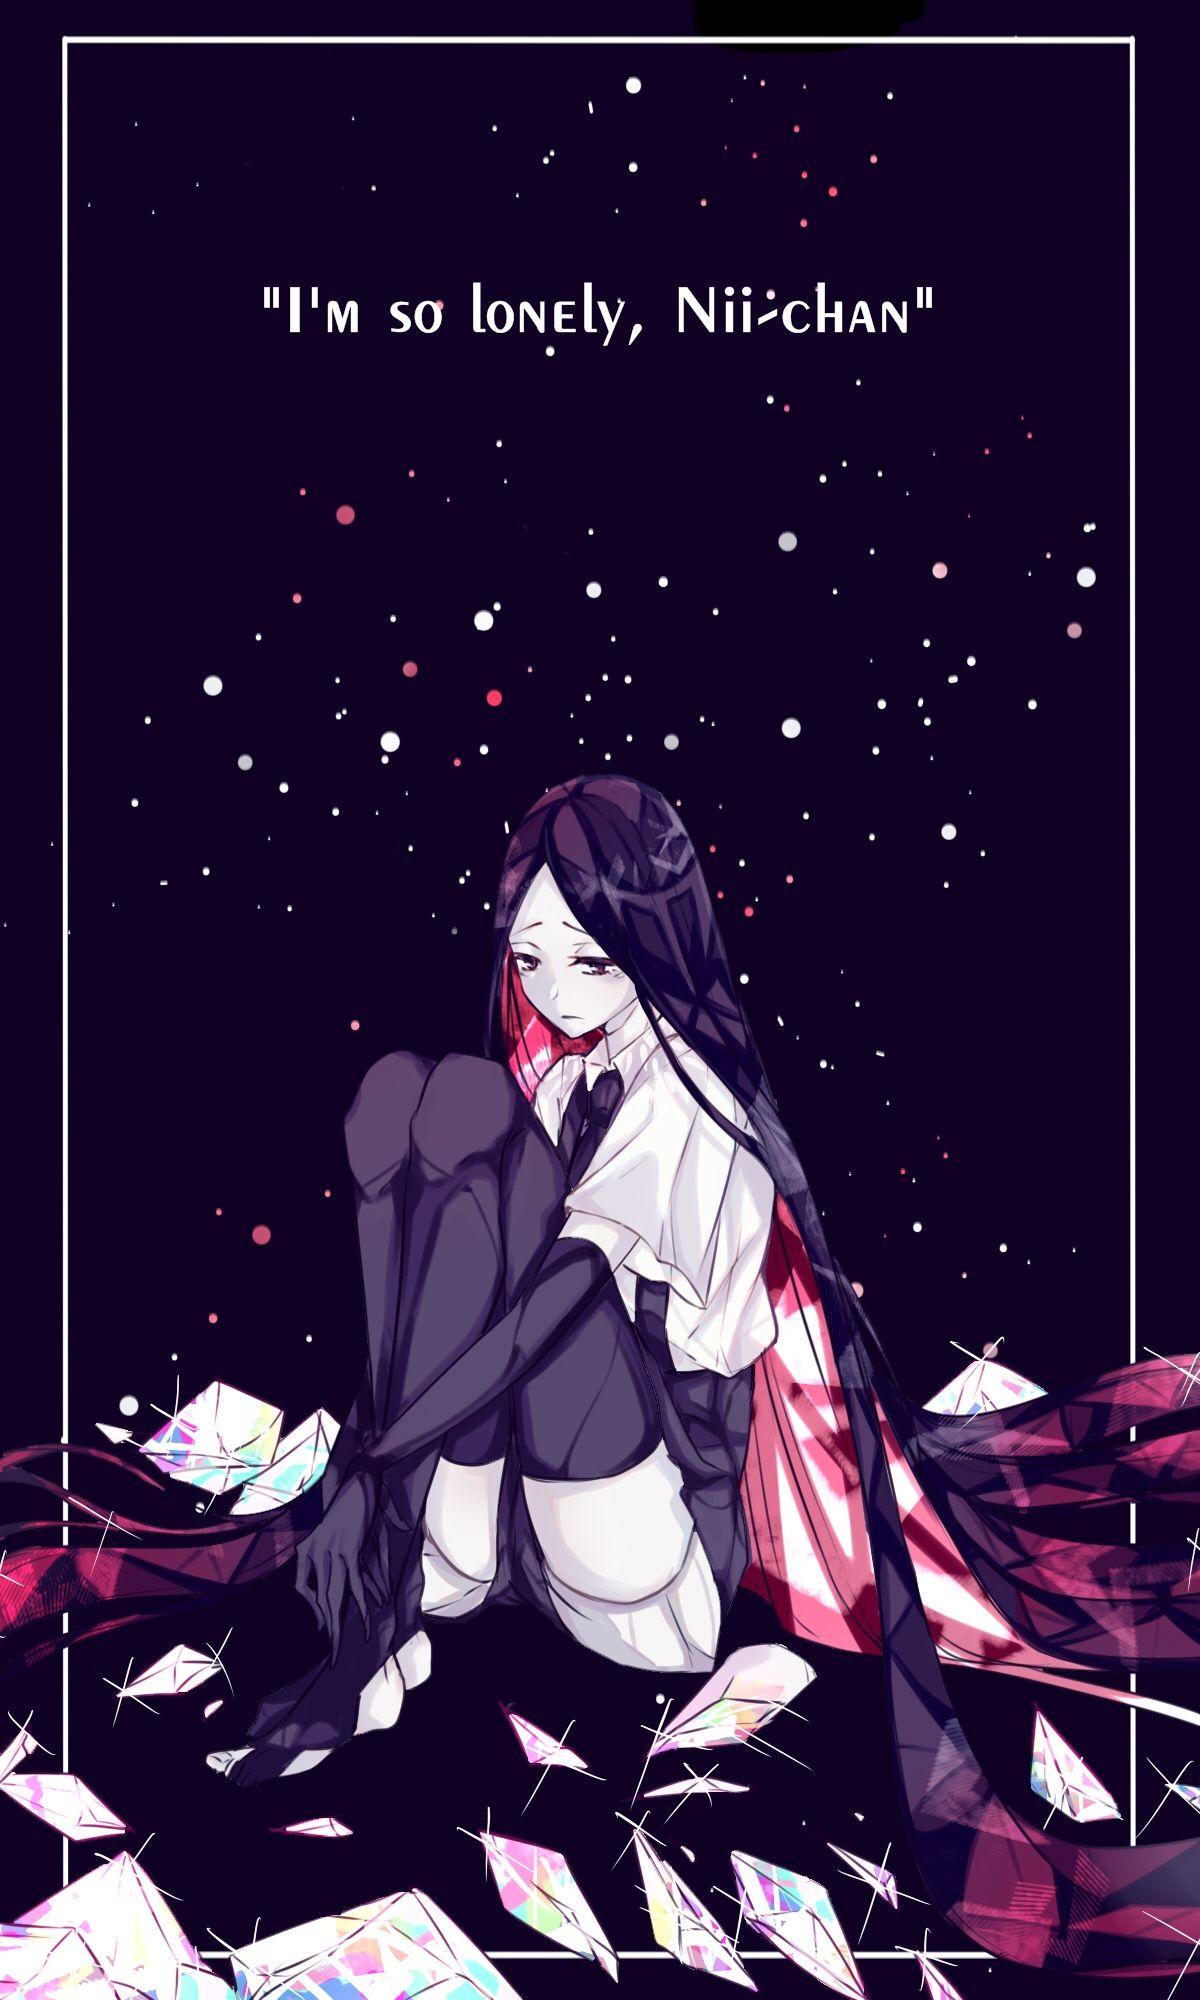 Bort Houseki No Kuni Full 2242824 Jpg 1200 2000 Fox Illustration Anime Anime Art